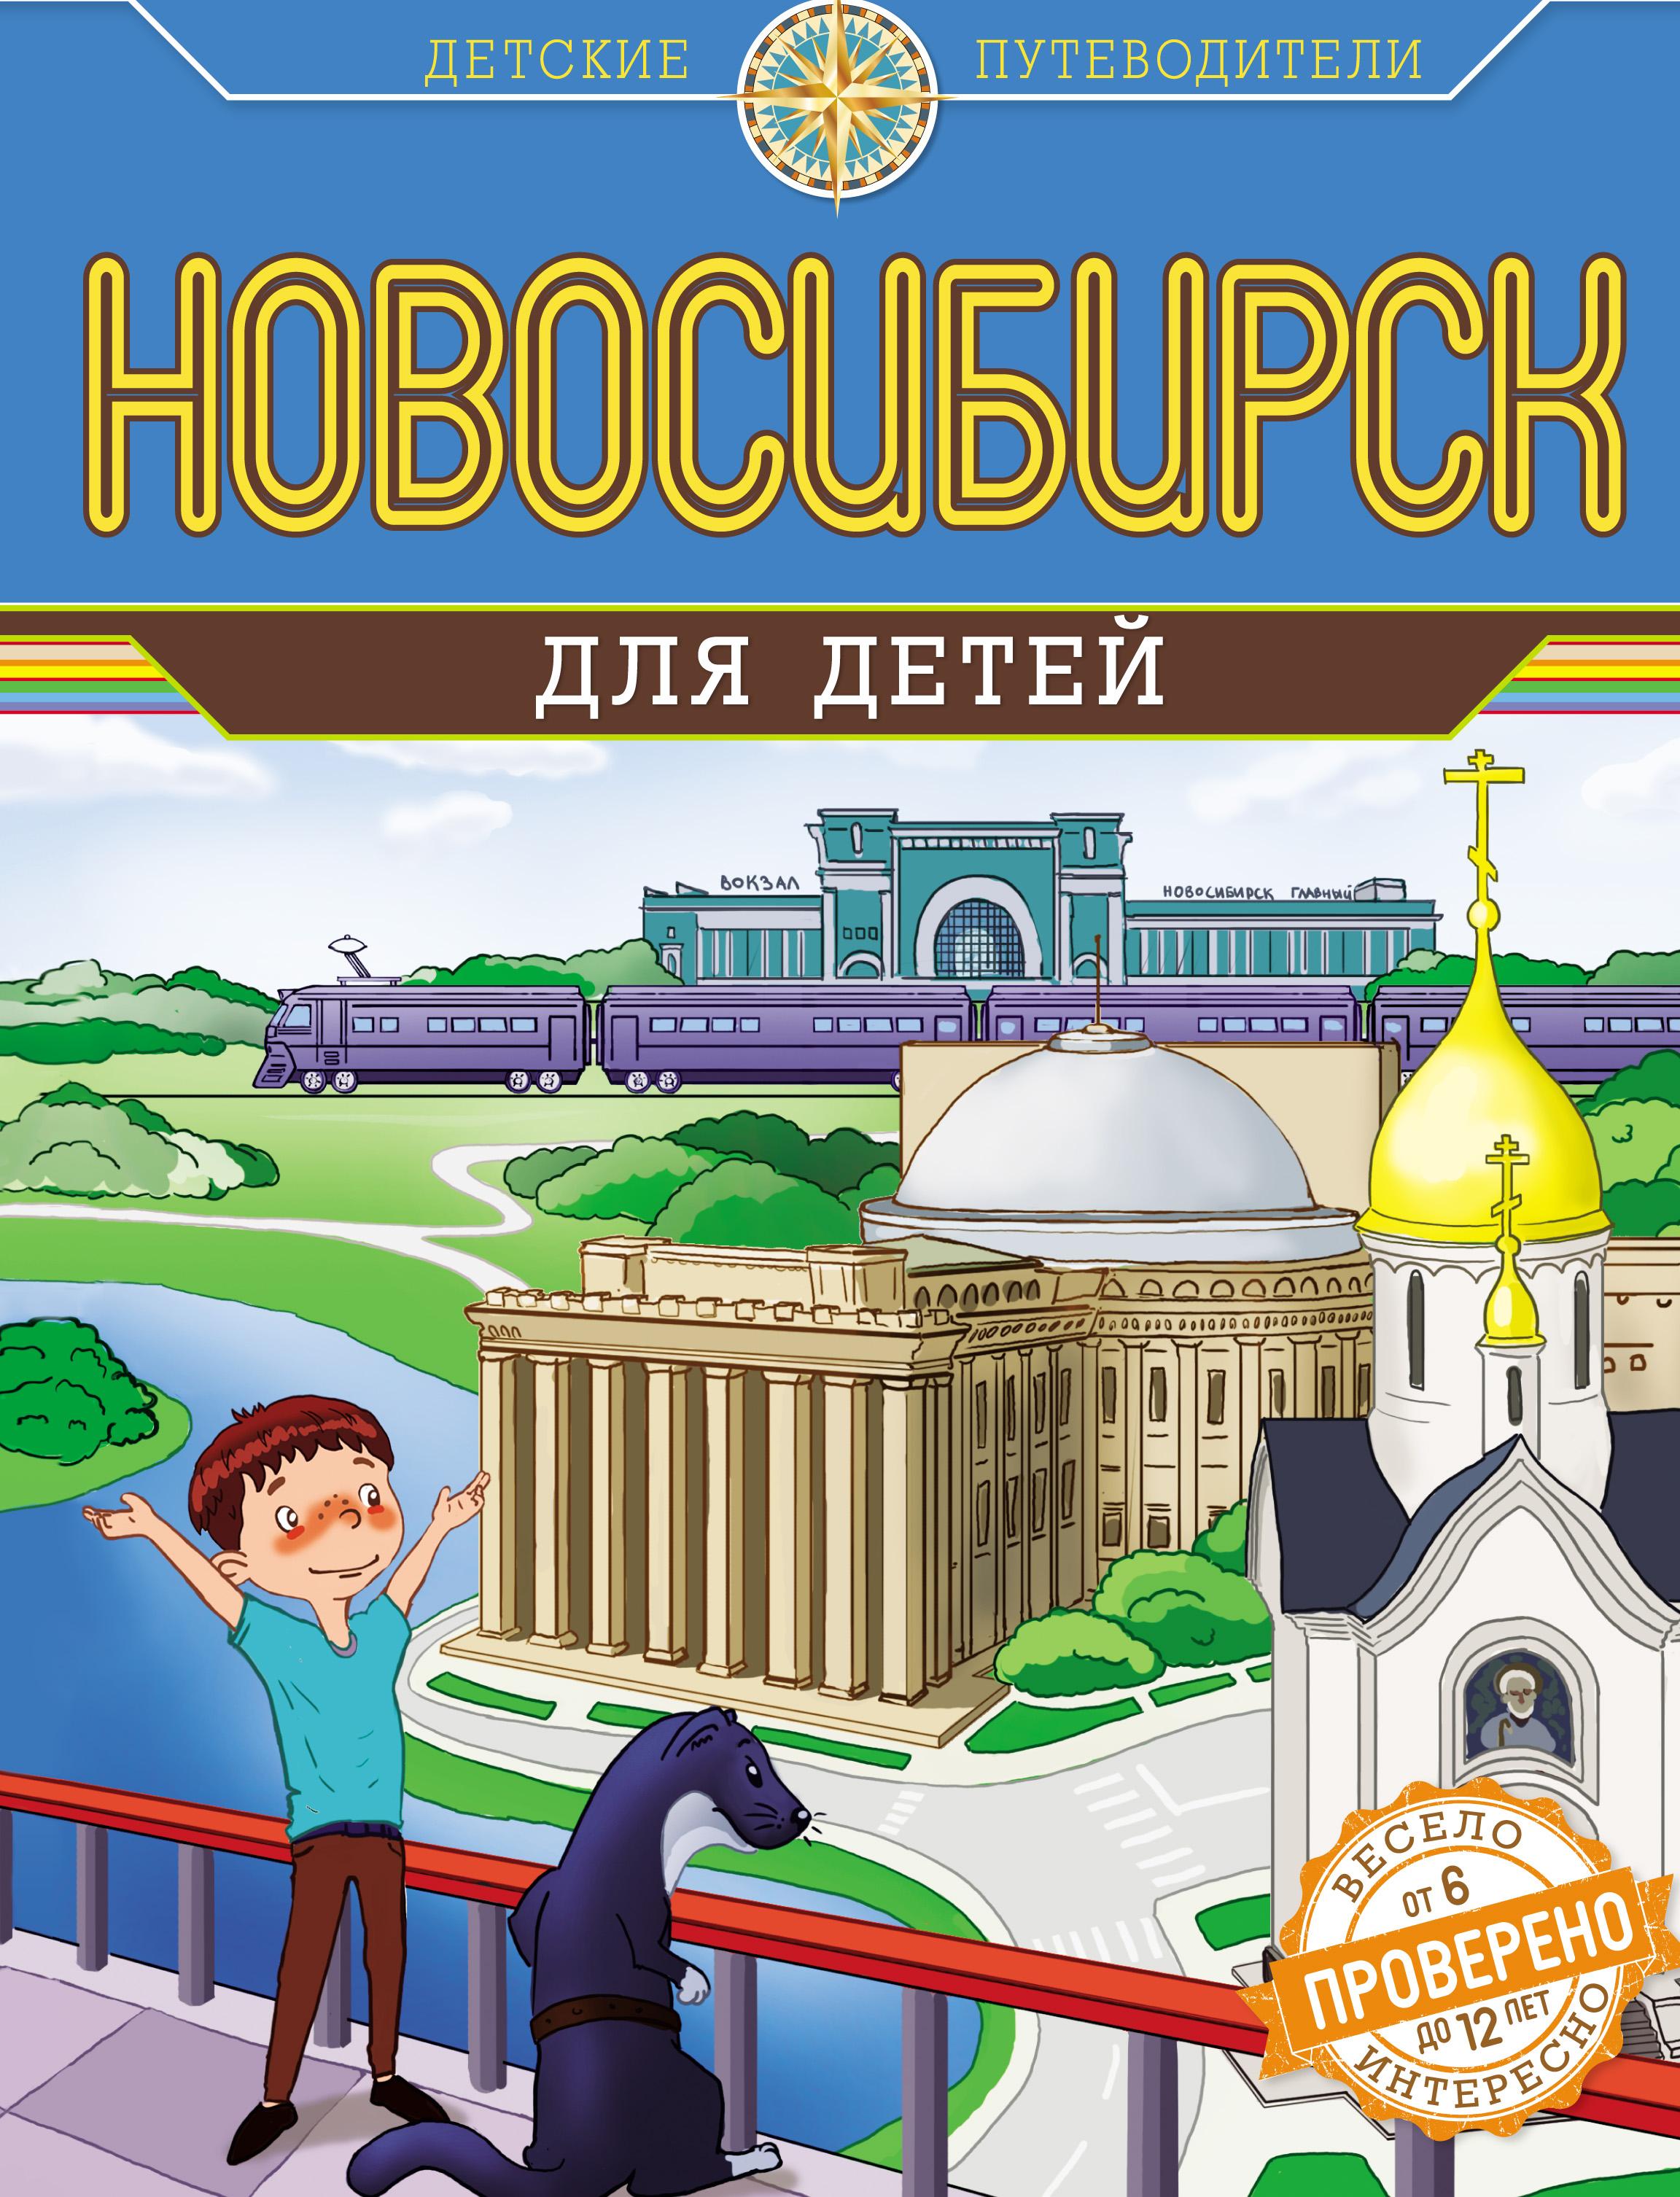 Анатолий Квашин, Новосибирск для детей – скачать pdf на ЛитРес